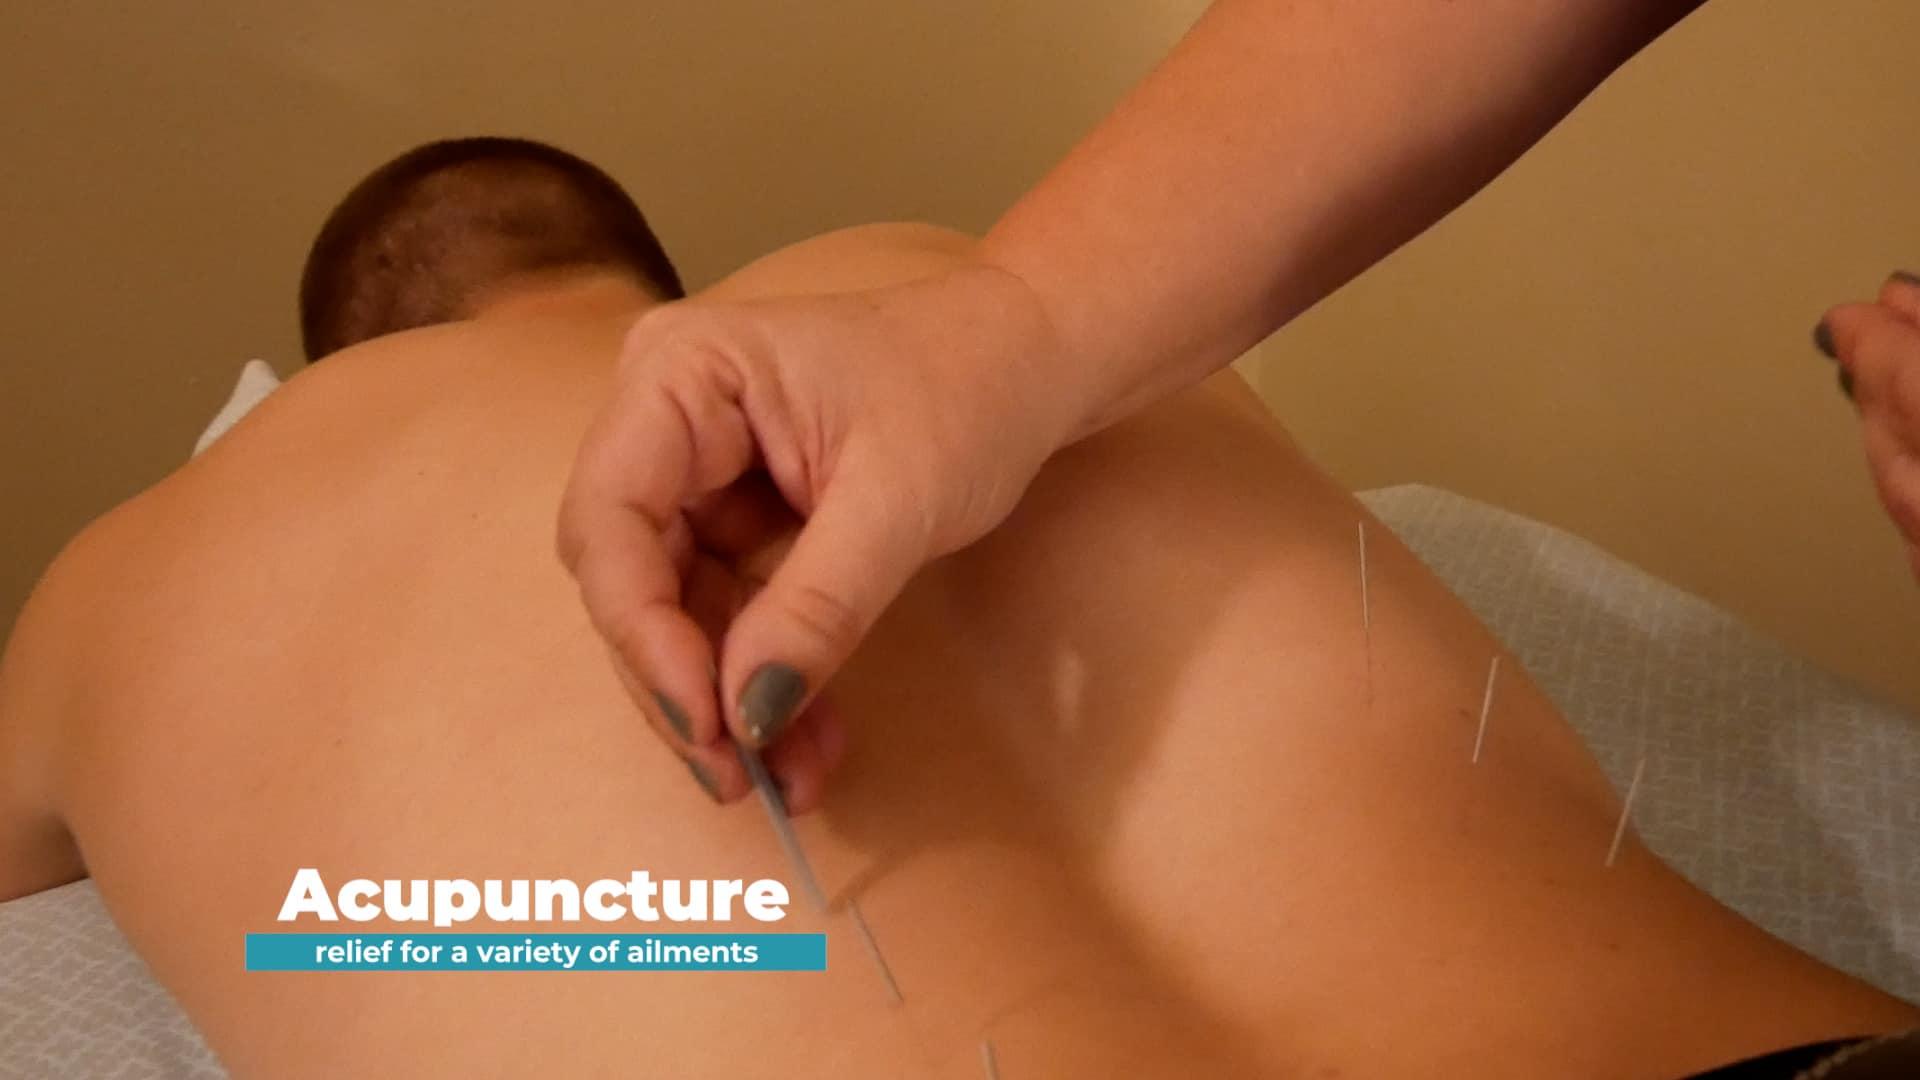 vidclip_Acupuncture_PORA